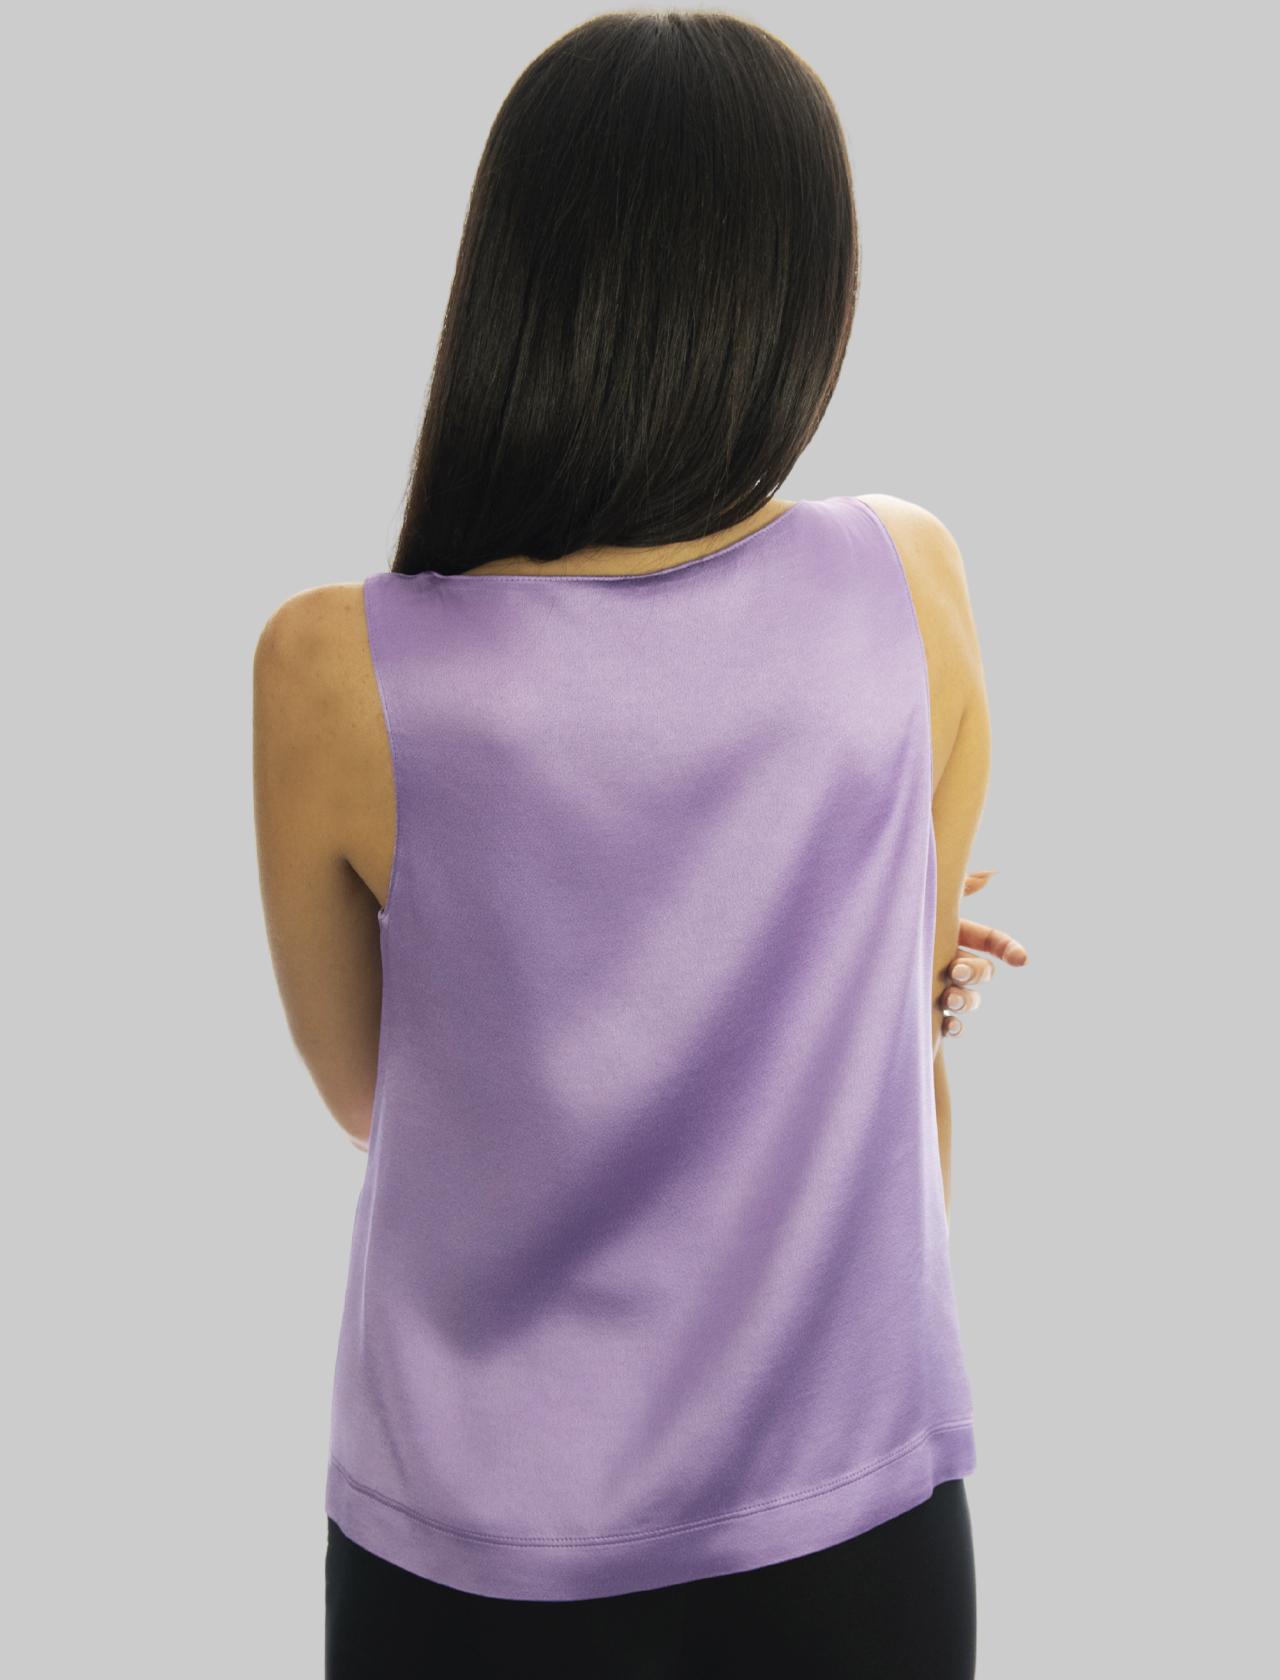 Abbigliamento Donna Top Liquid in Cady Glicine Giromanica con Scollo a Punta Maliparmi | Camicie e Top | JP53945012351036